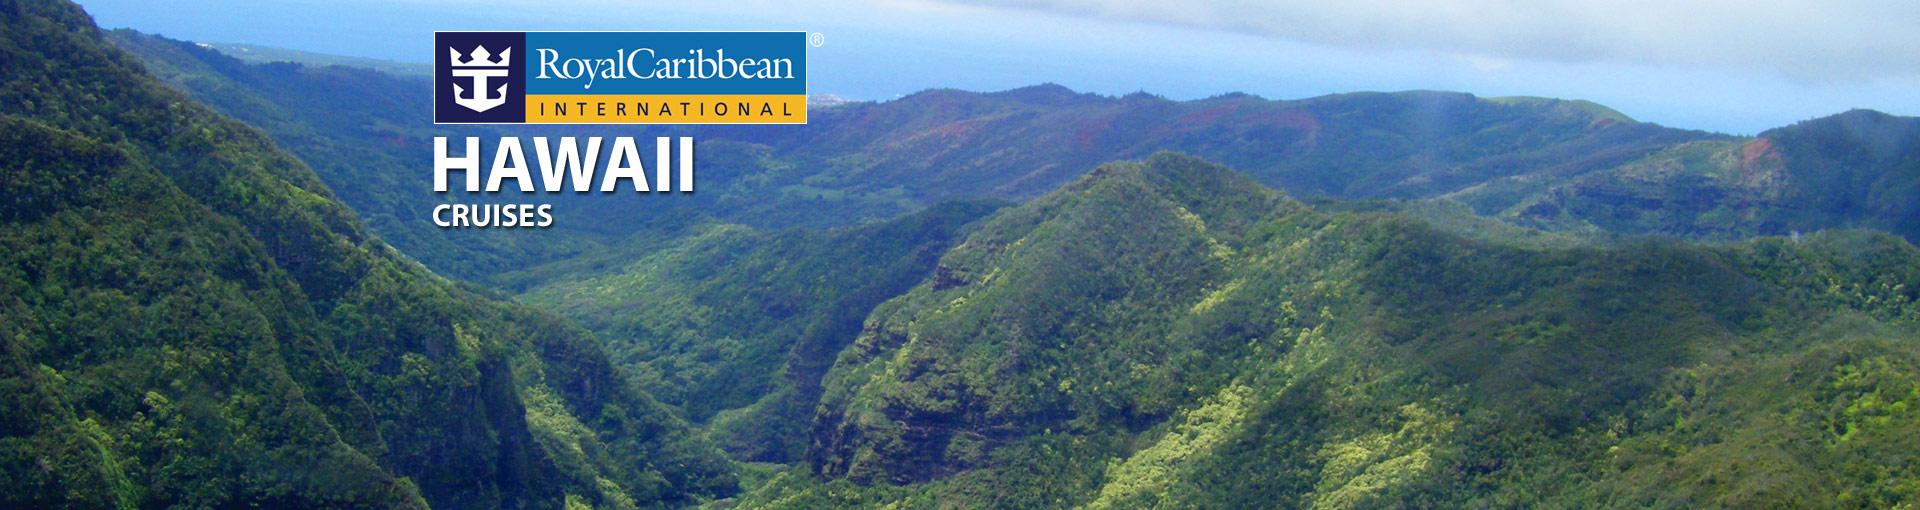 Royal Caribbean Hawaii Cruises